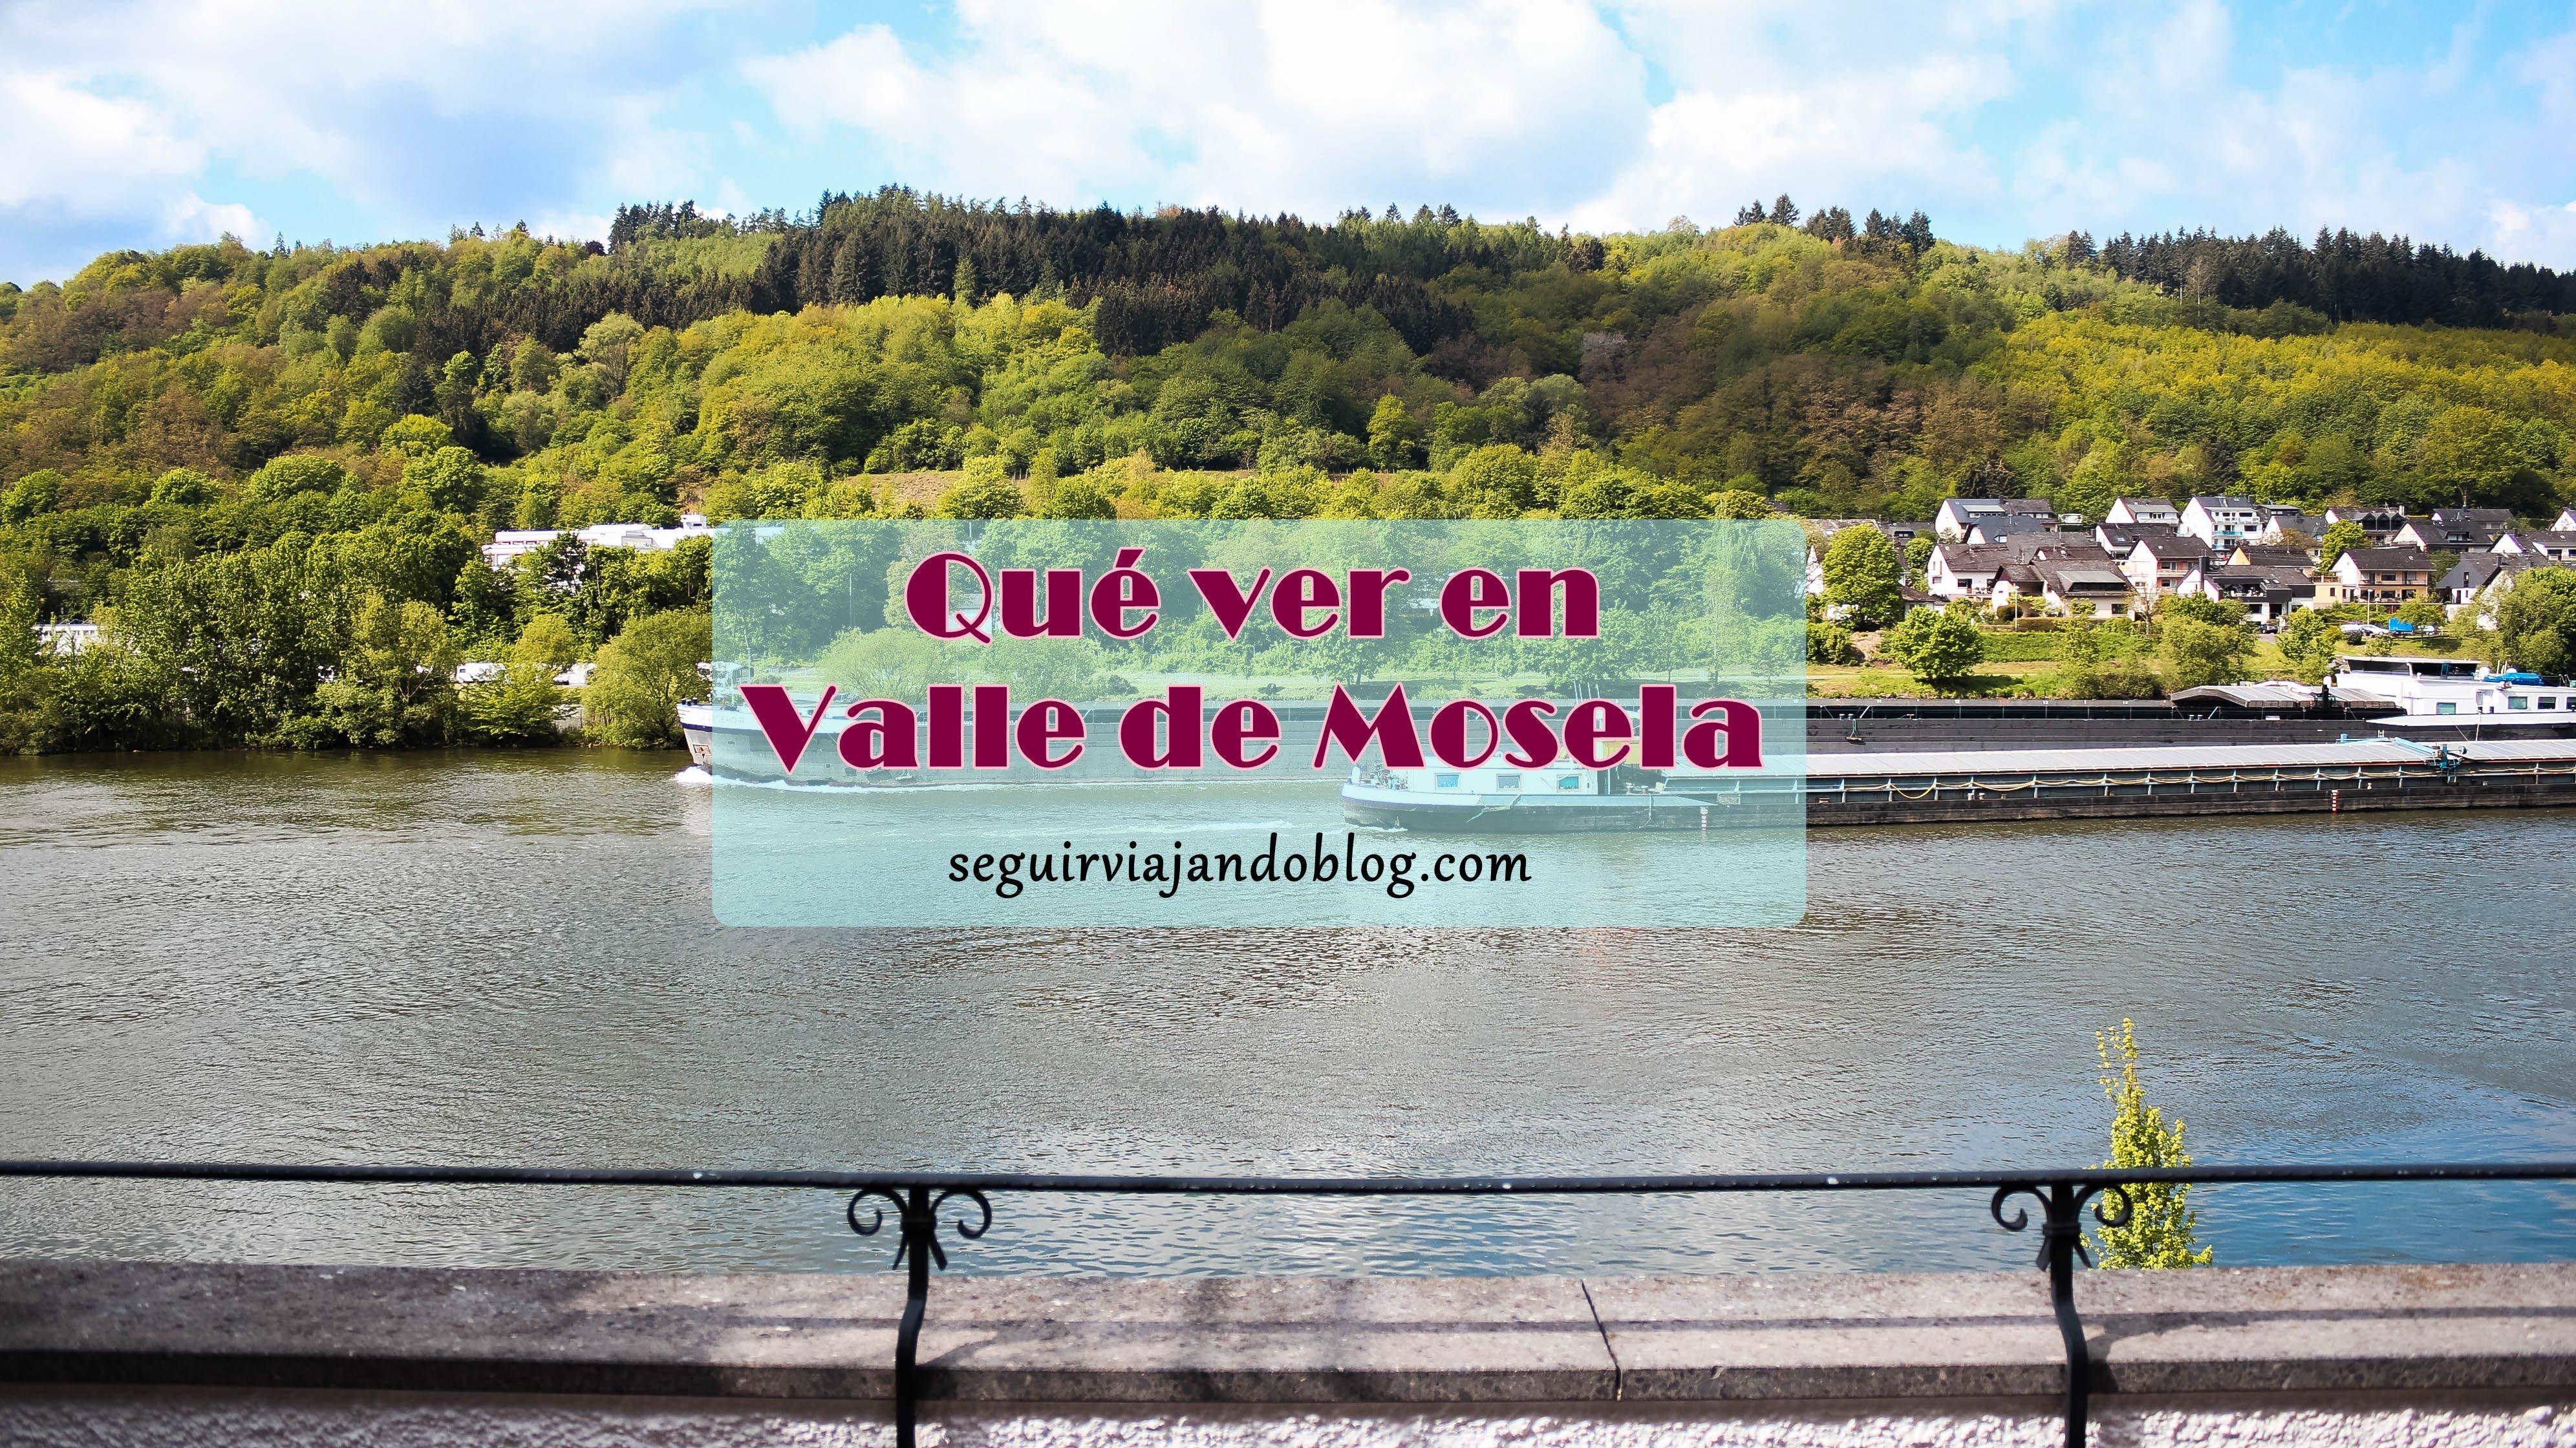 Qué ver en Valle de Mosela